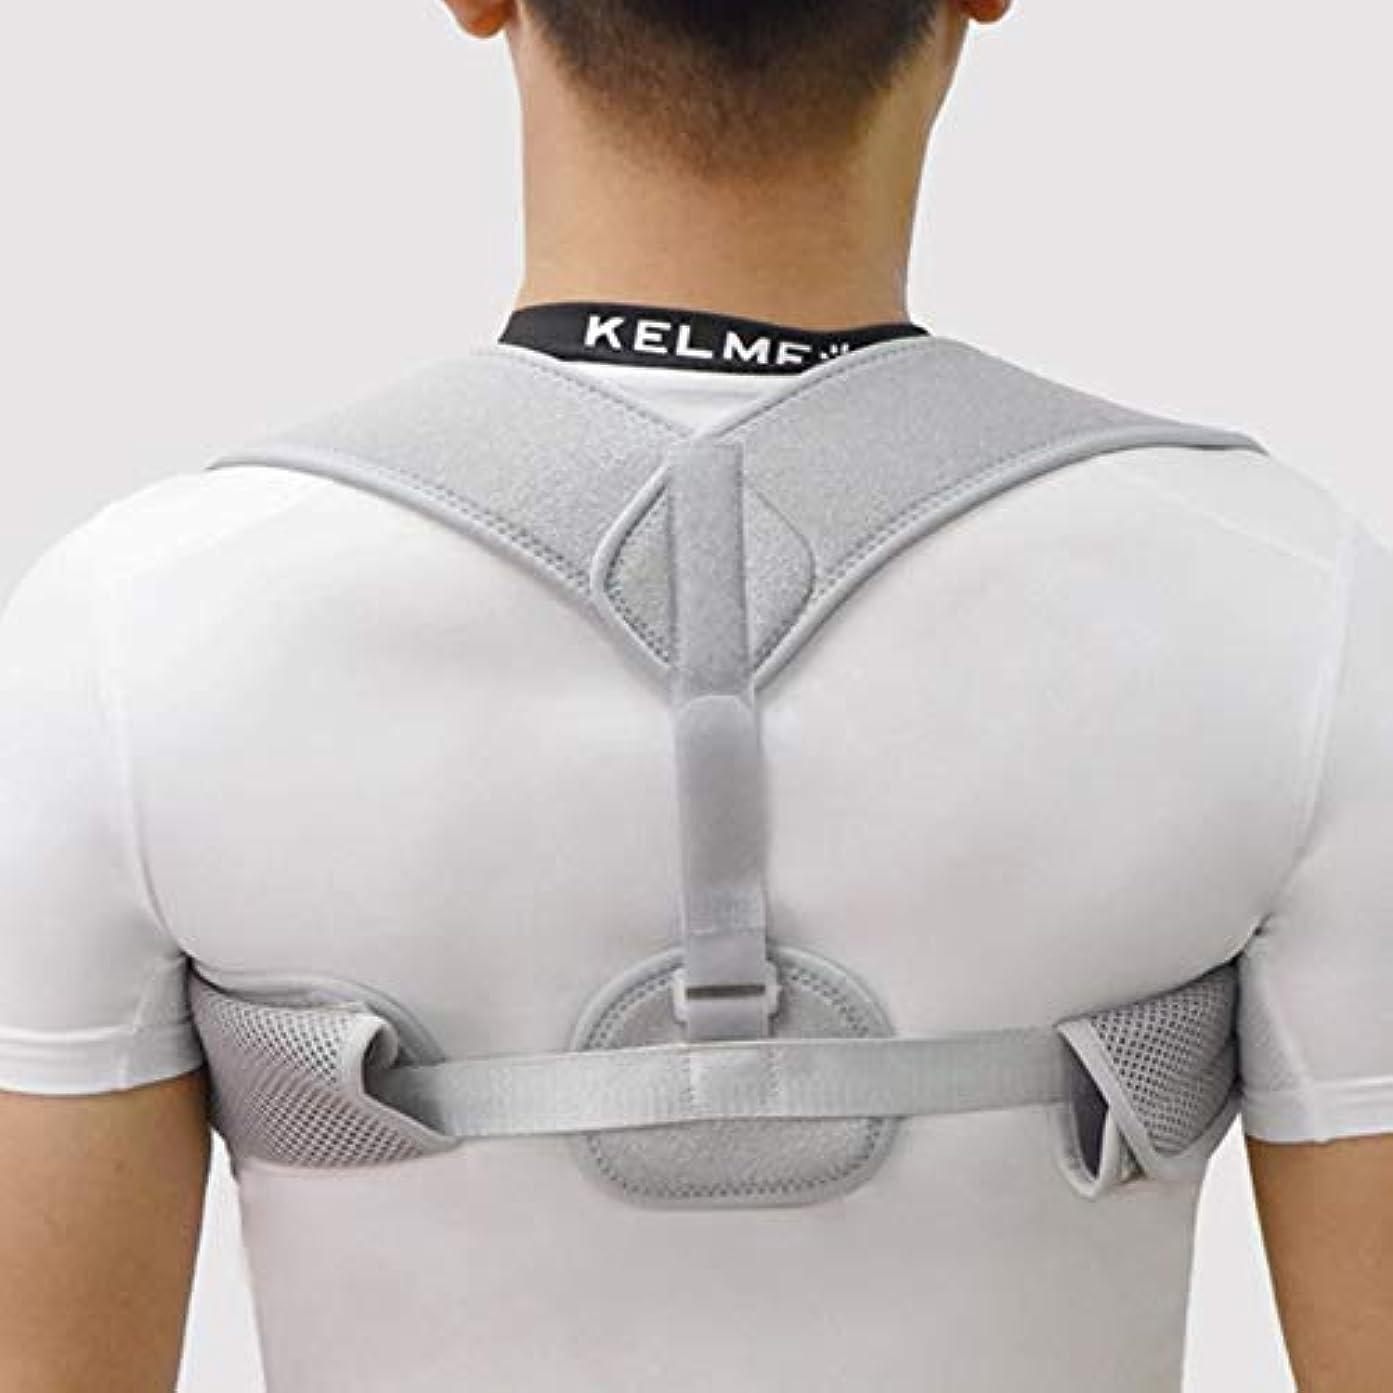 礼儀あいまいさ発疹新しいアッパーバックポスチャーコレクター姿勢鎖骨サポートコレクターバックストレート肩ブレースストラップコレクター耐久性 - グレー